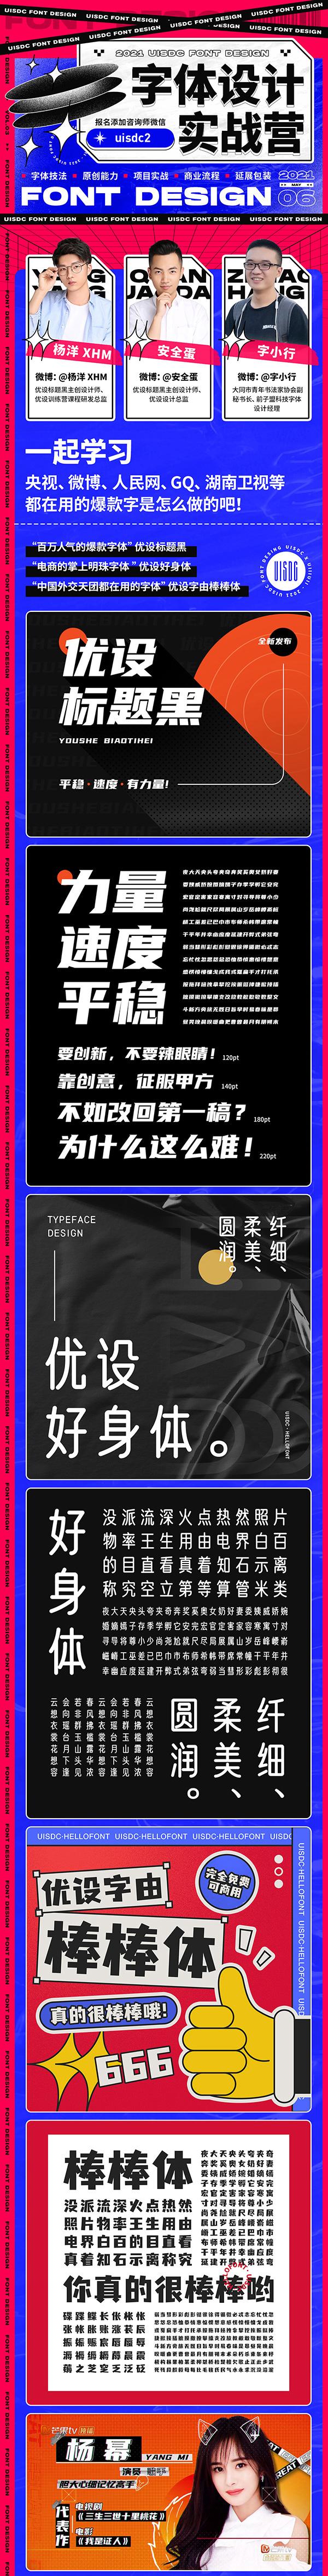 优设字体设计实战营 第 4 期